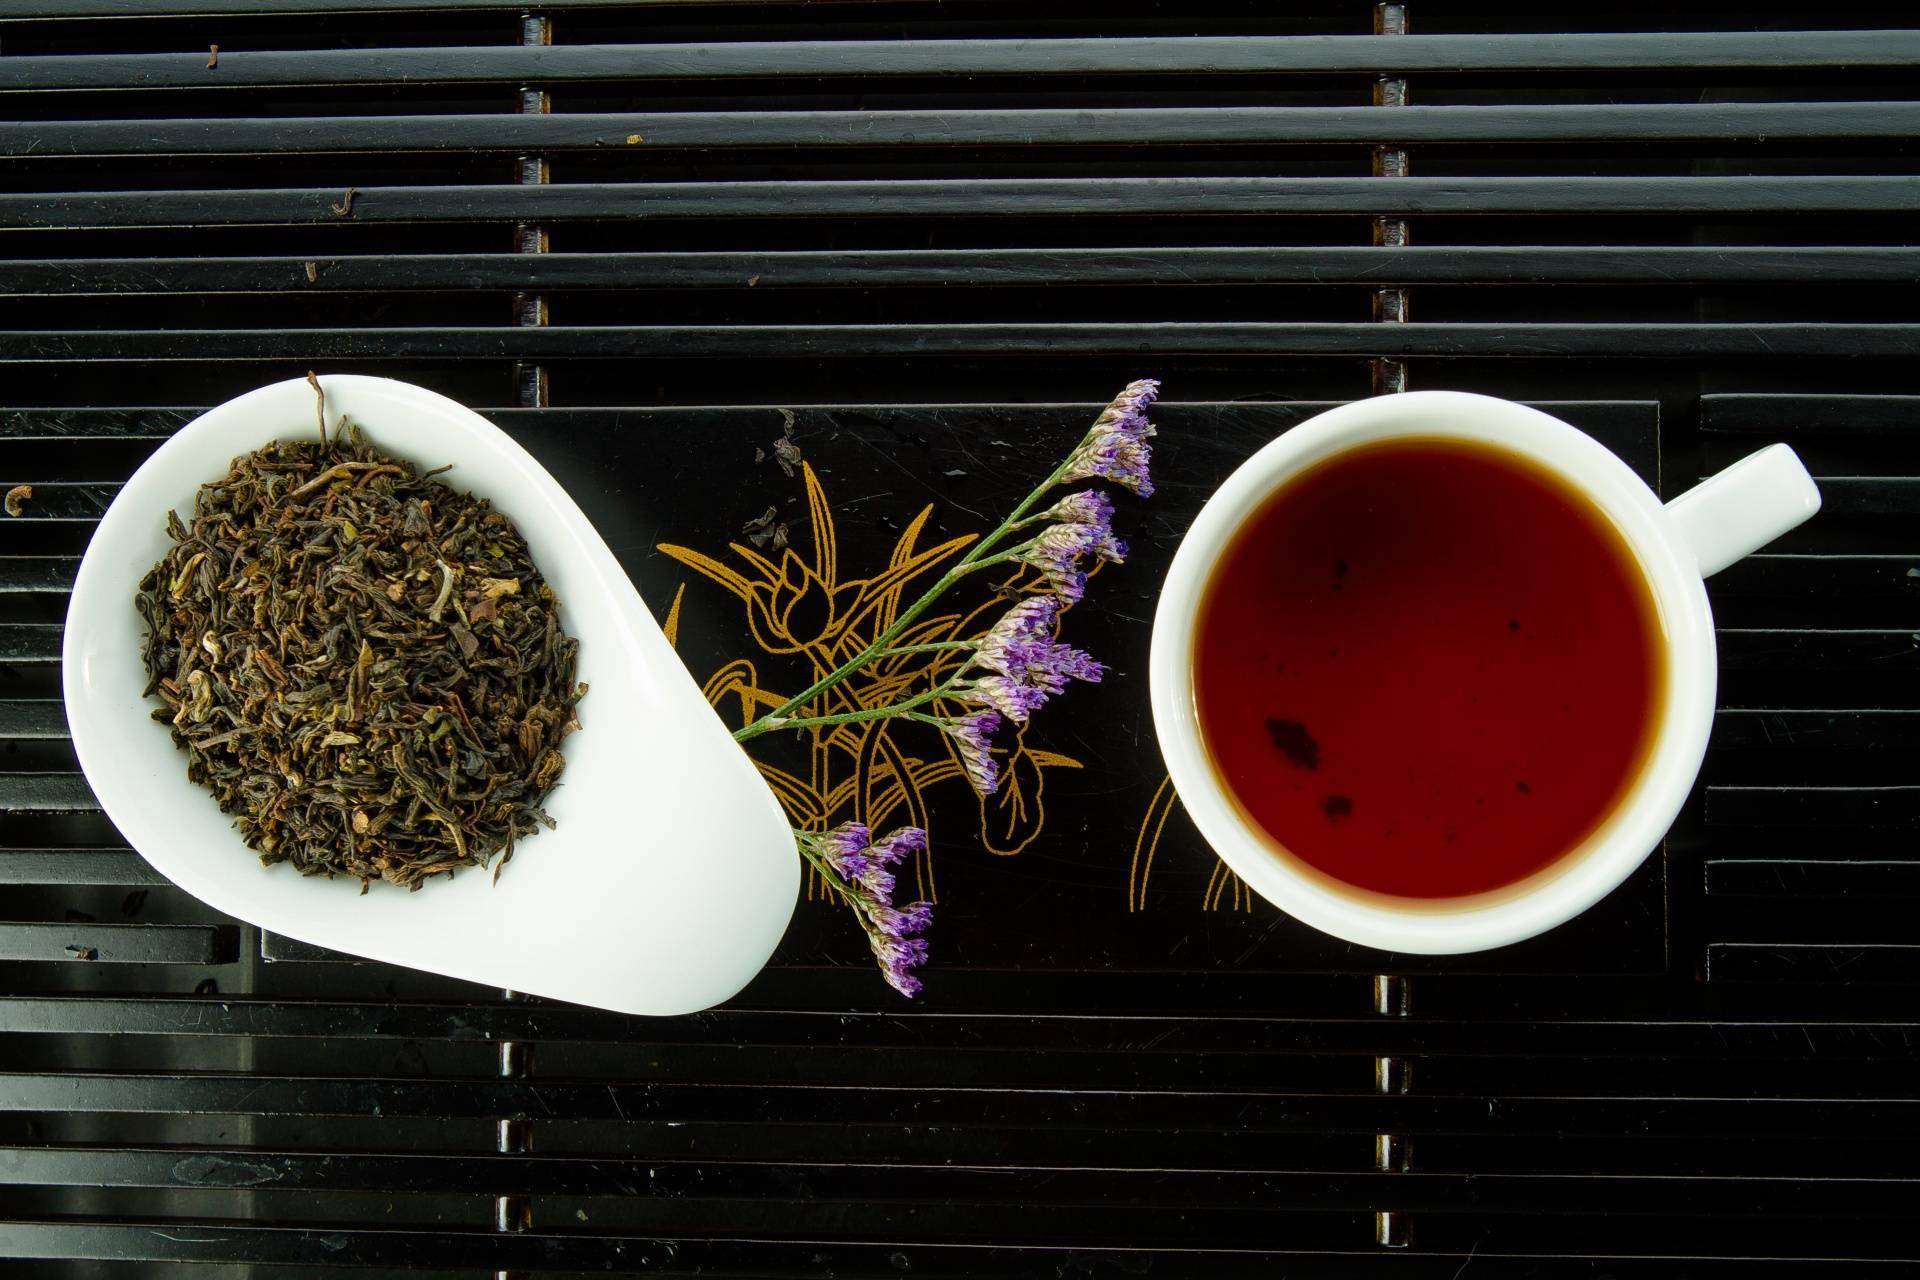 Индийский чай: выращивание в индии, сорта, как пьют